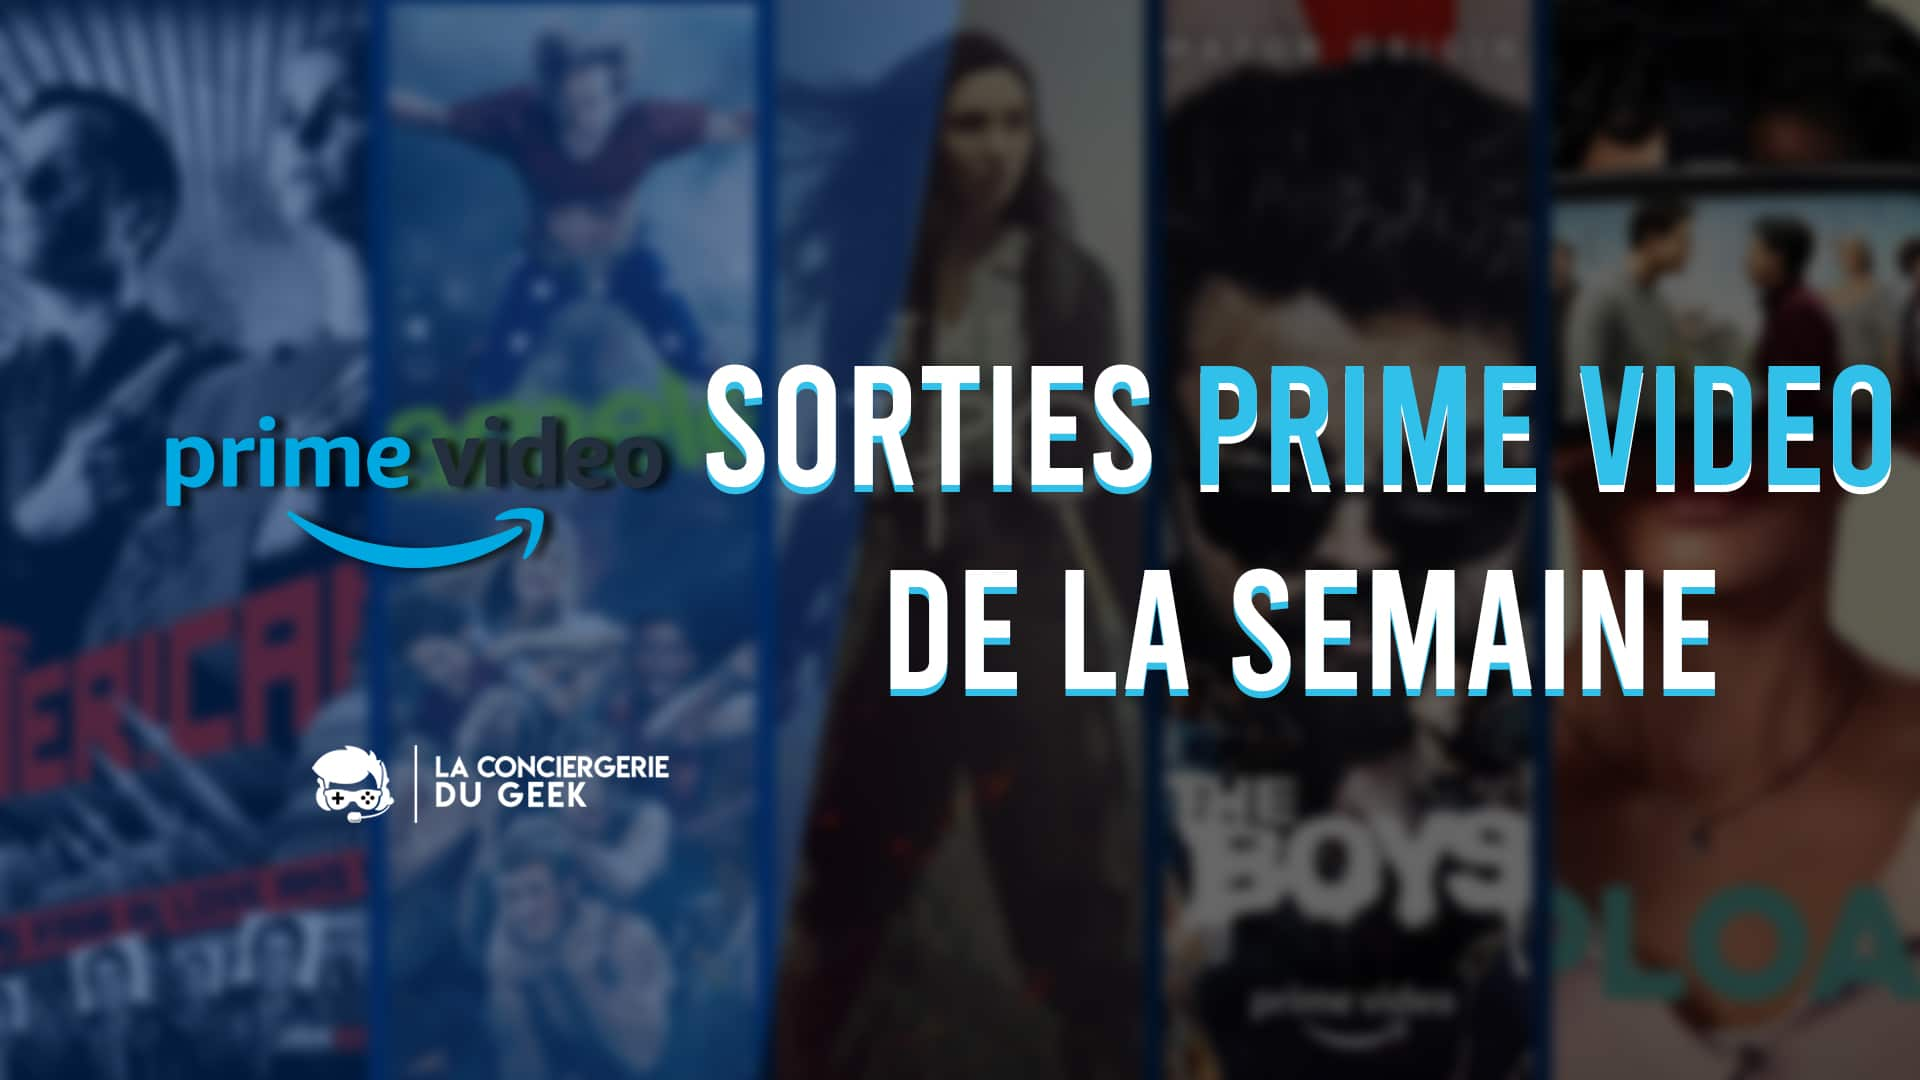 Sorties Amazon Prime Video de la semaine du 15 au 21 février